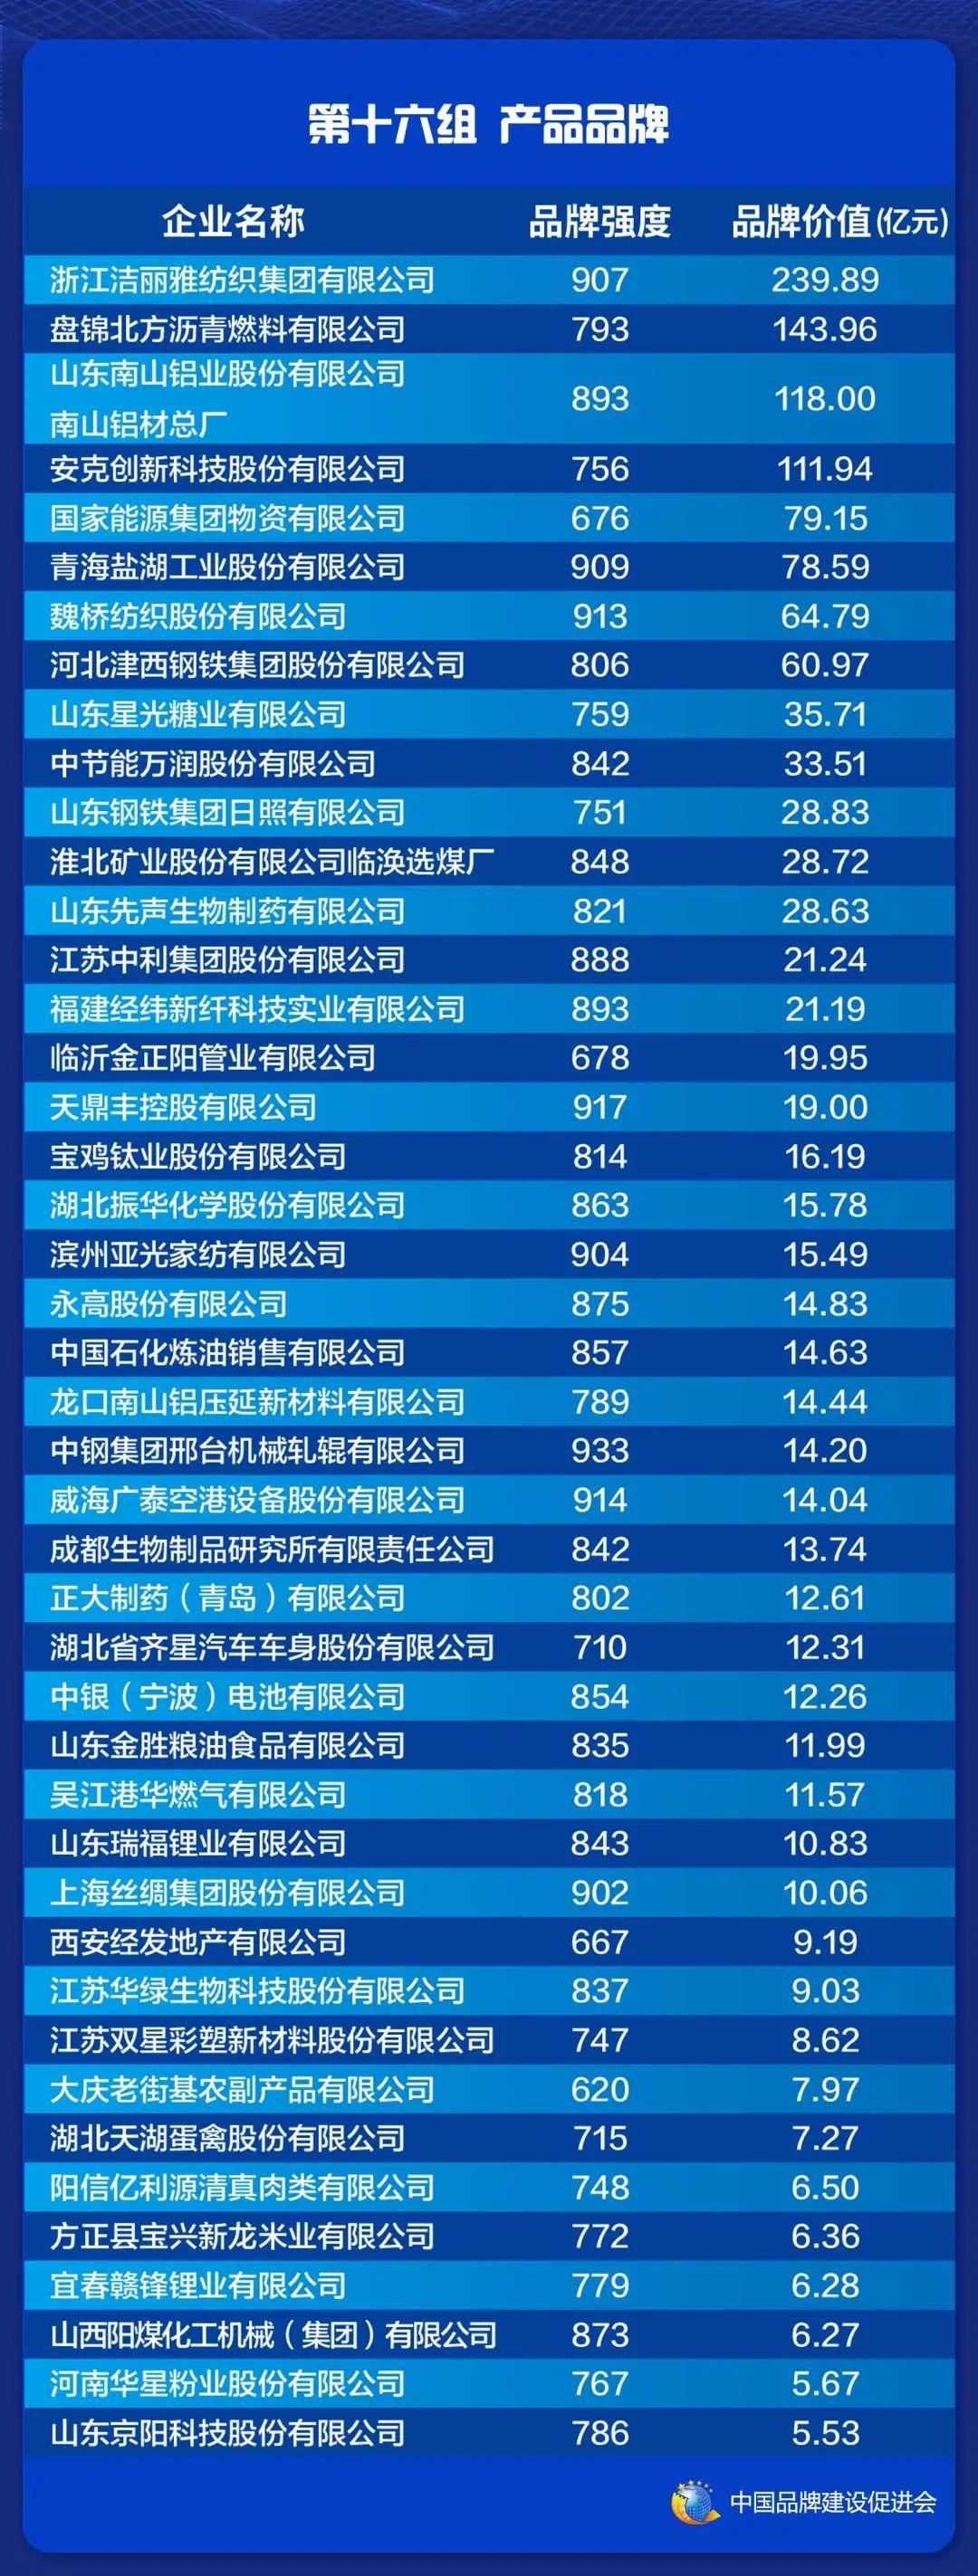 2021中国品牌价值评价信息在上海发布(图18)